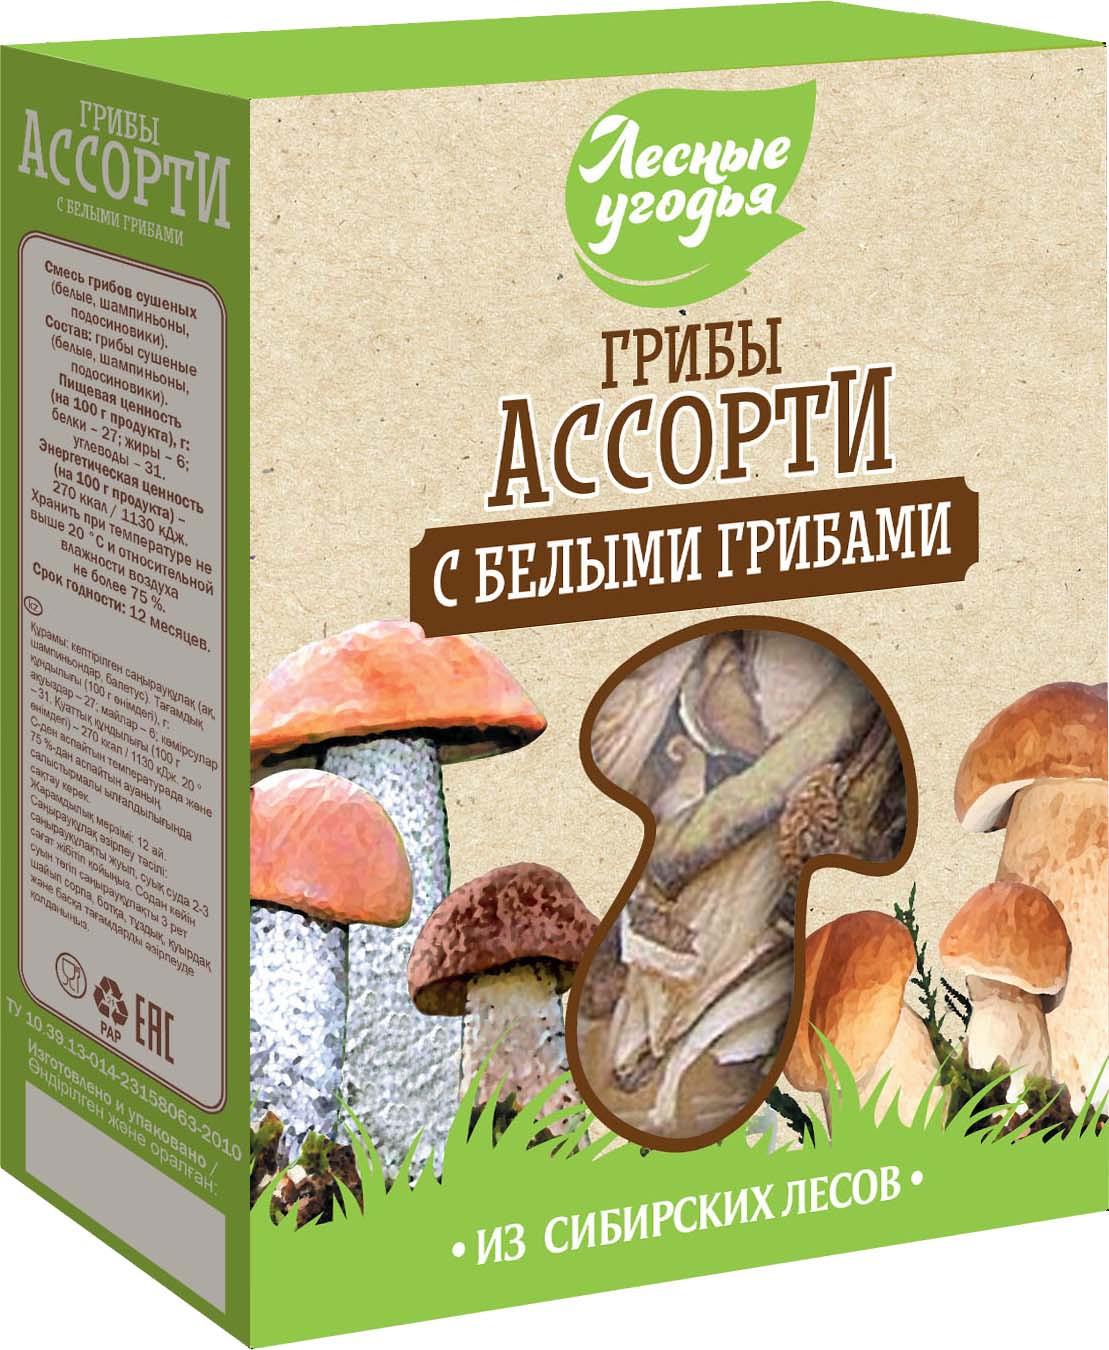 все цены на Лесные Угодья грибы сушеные ассорти с белыми грибами, 45 г онлайн